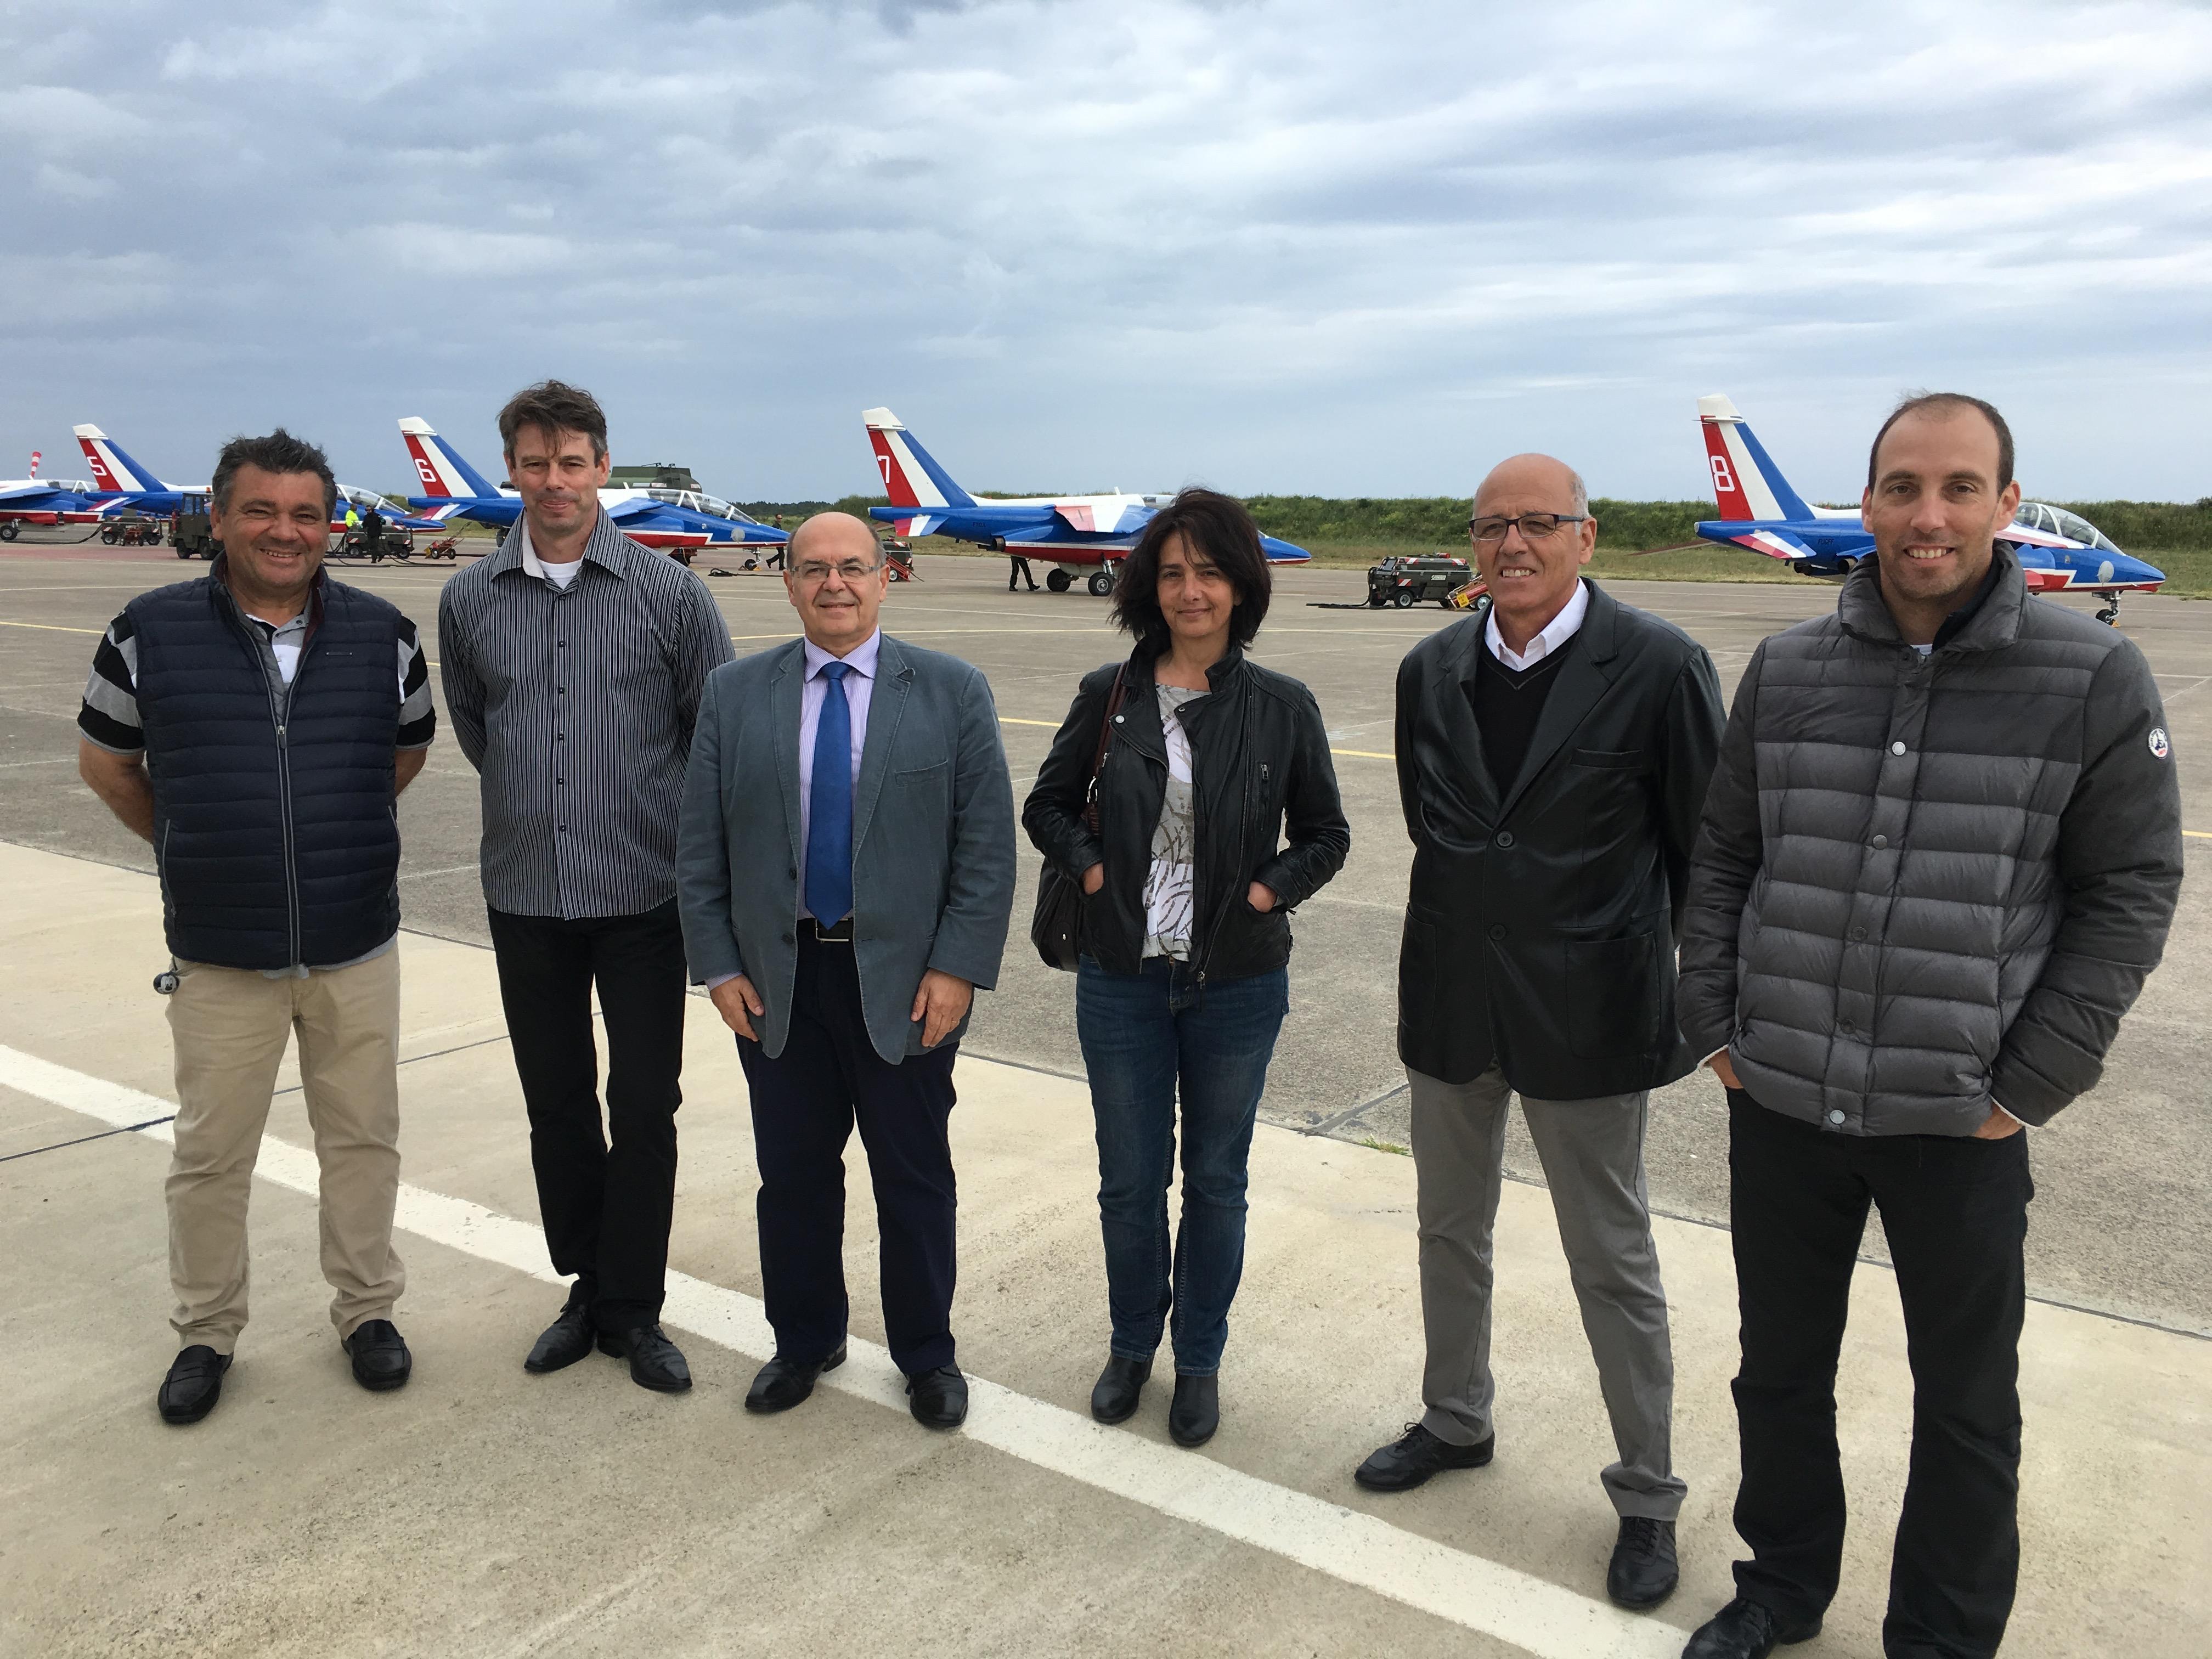 L'inspecteur académique Jean-Dominique Coggia (Veste costume) entouré des membres du CIRAS Corse